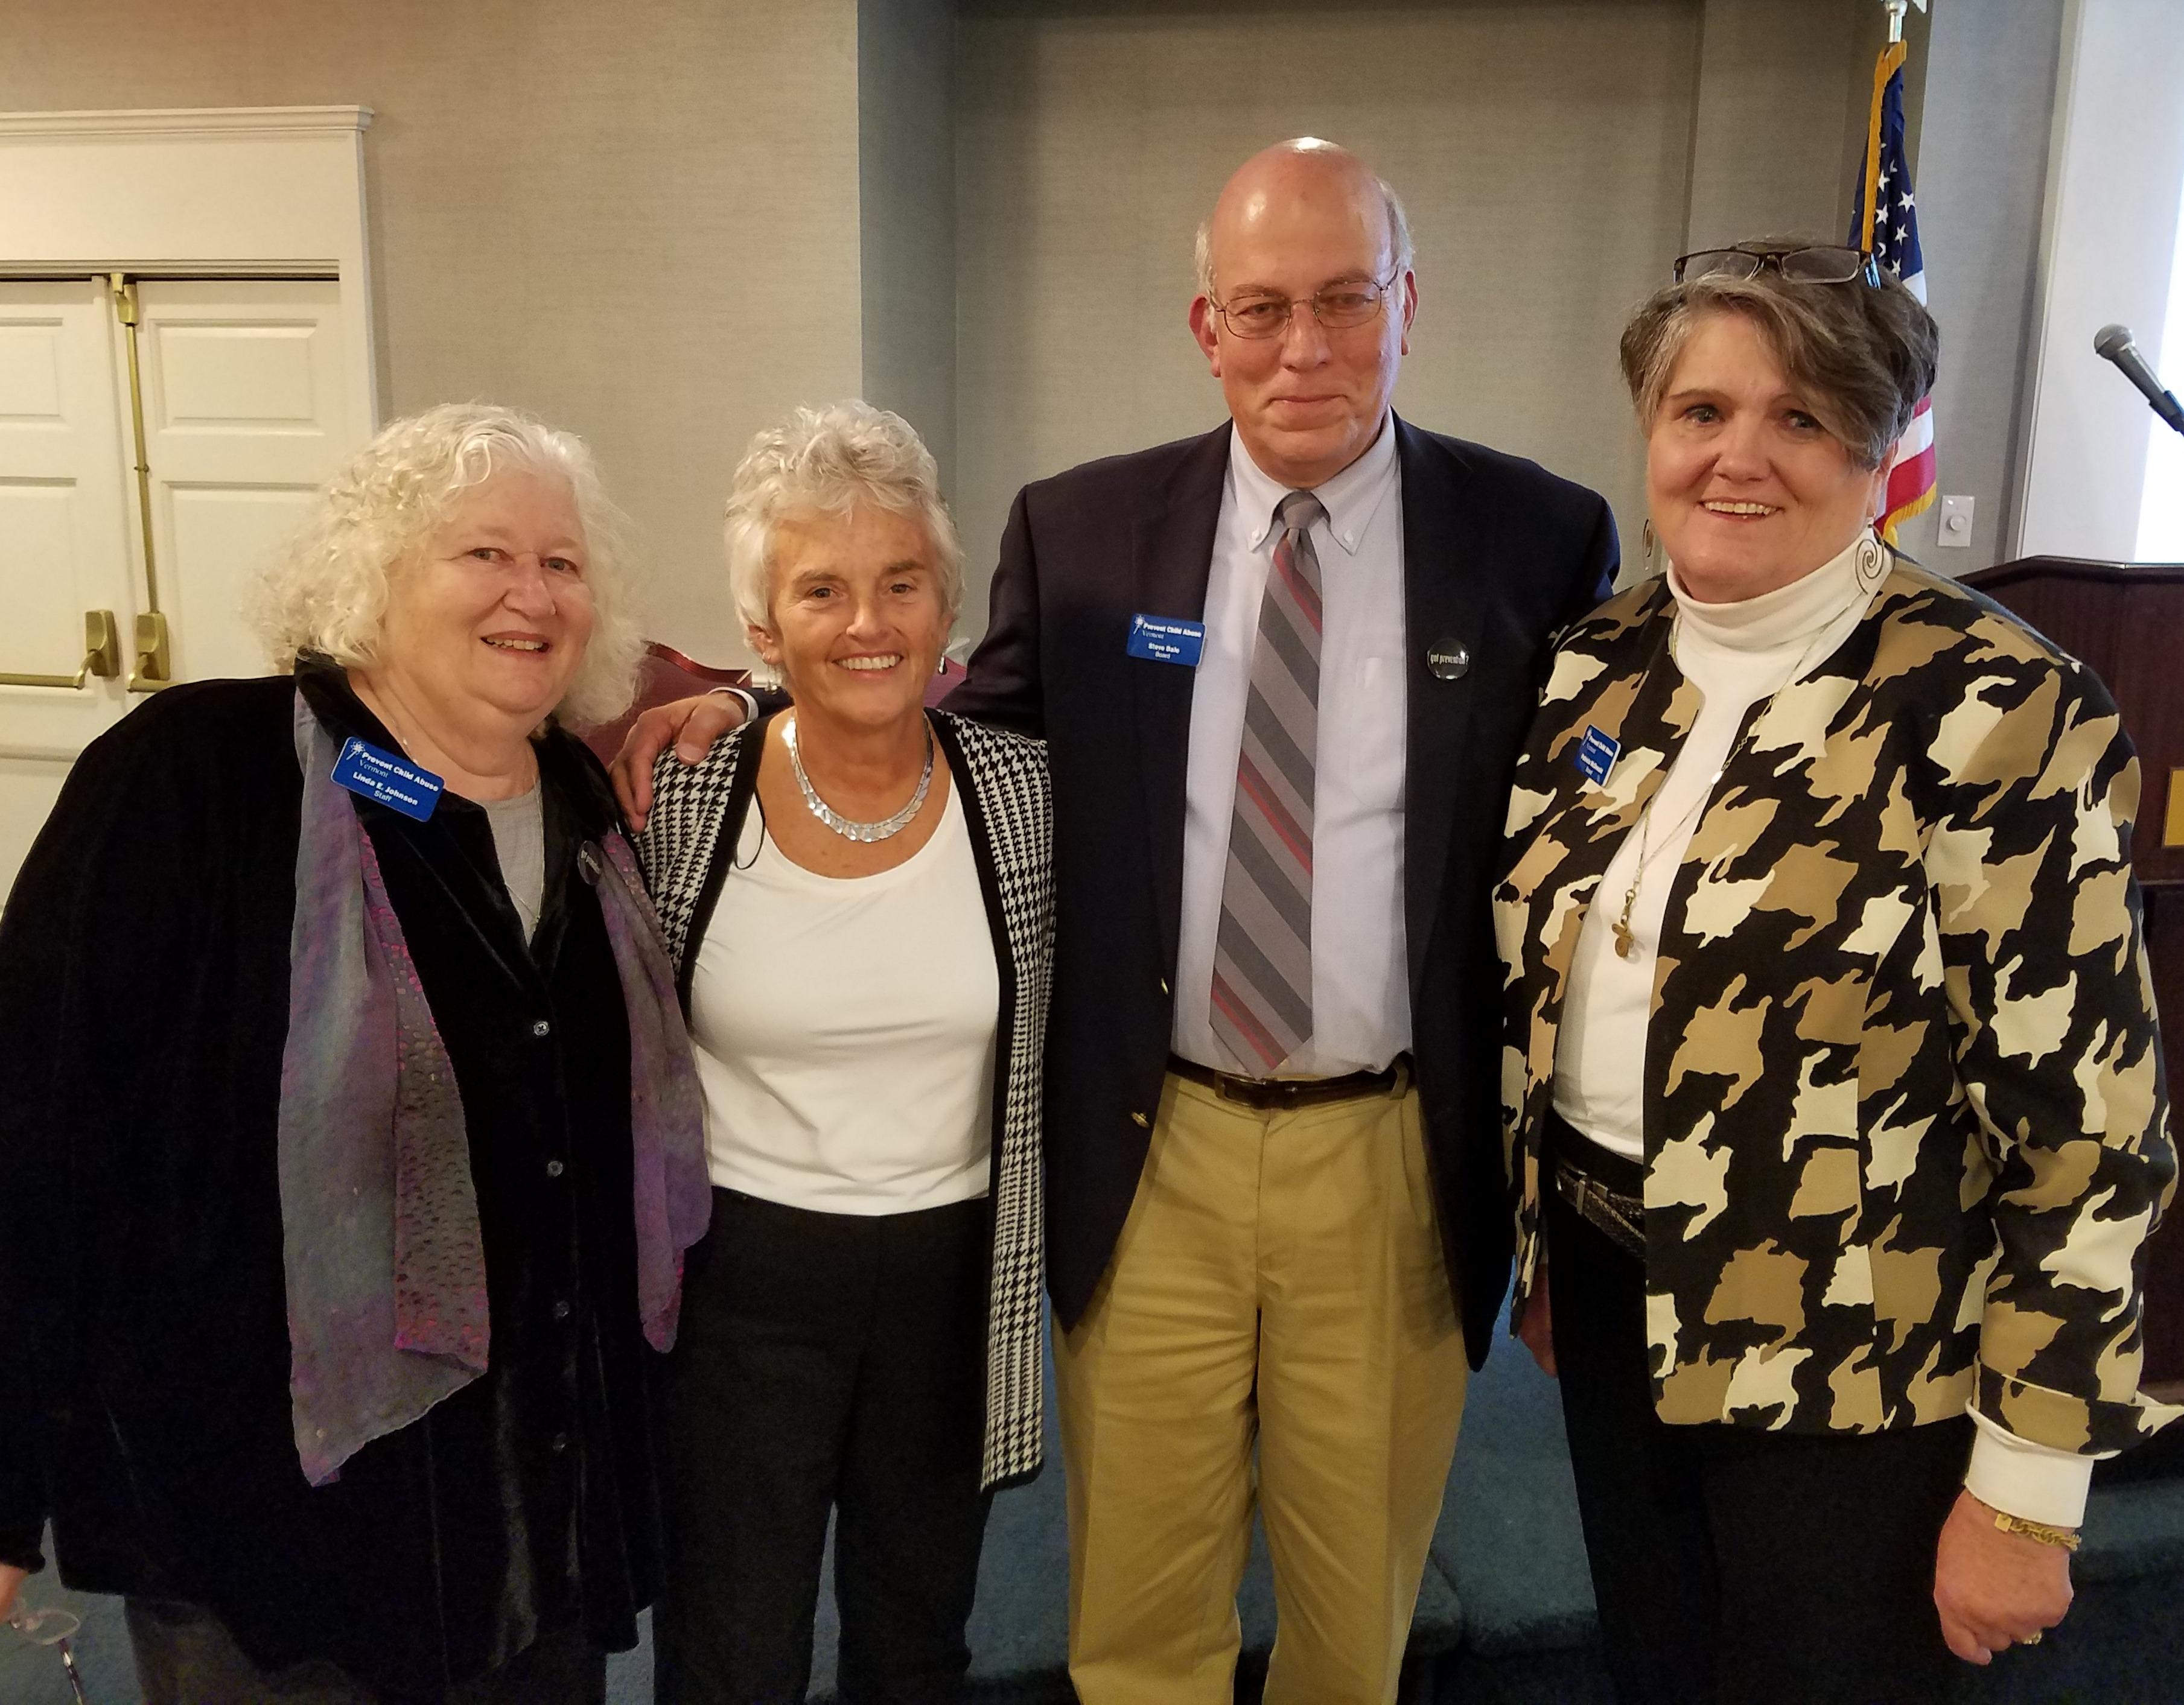 Steve, Pat, Linda and Pat